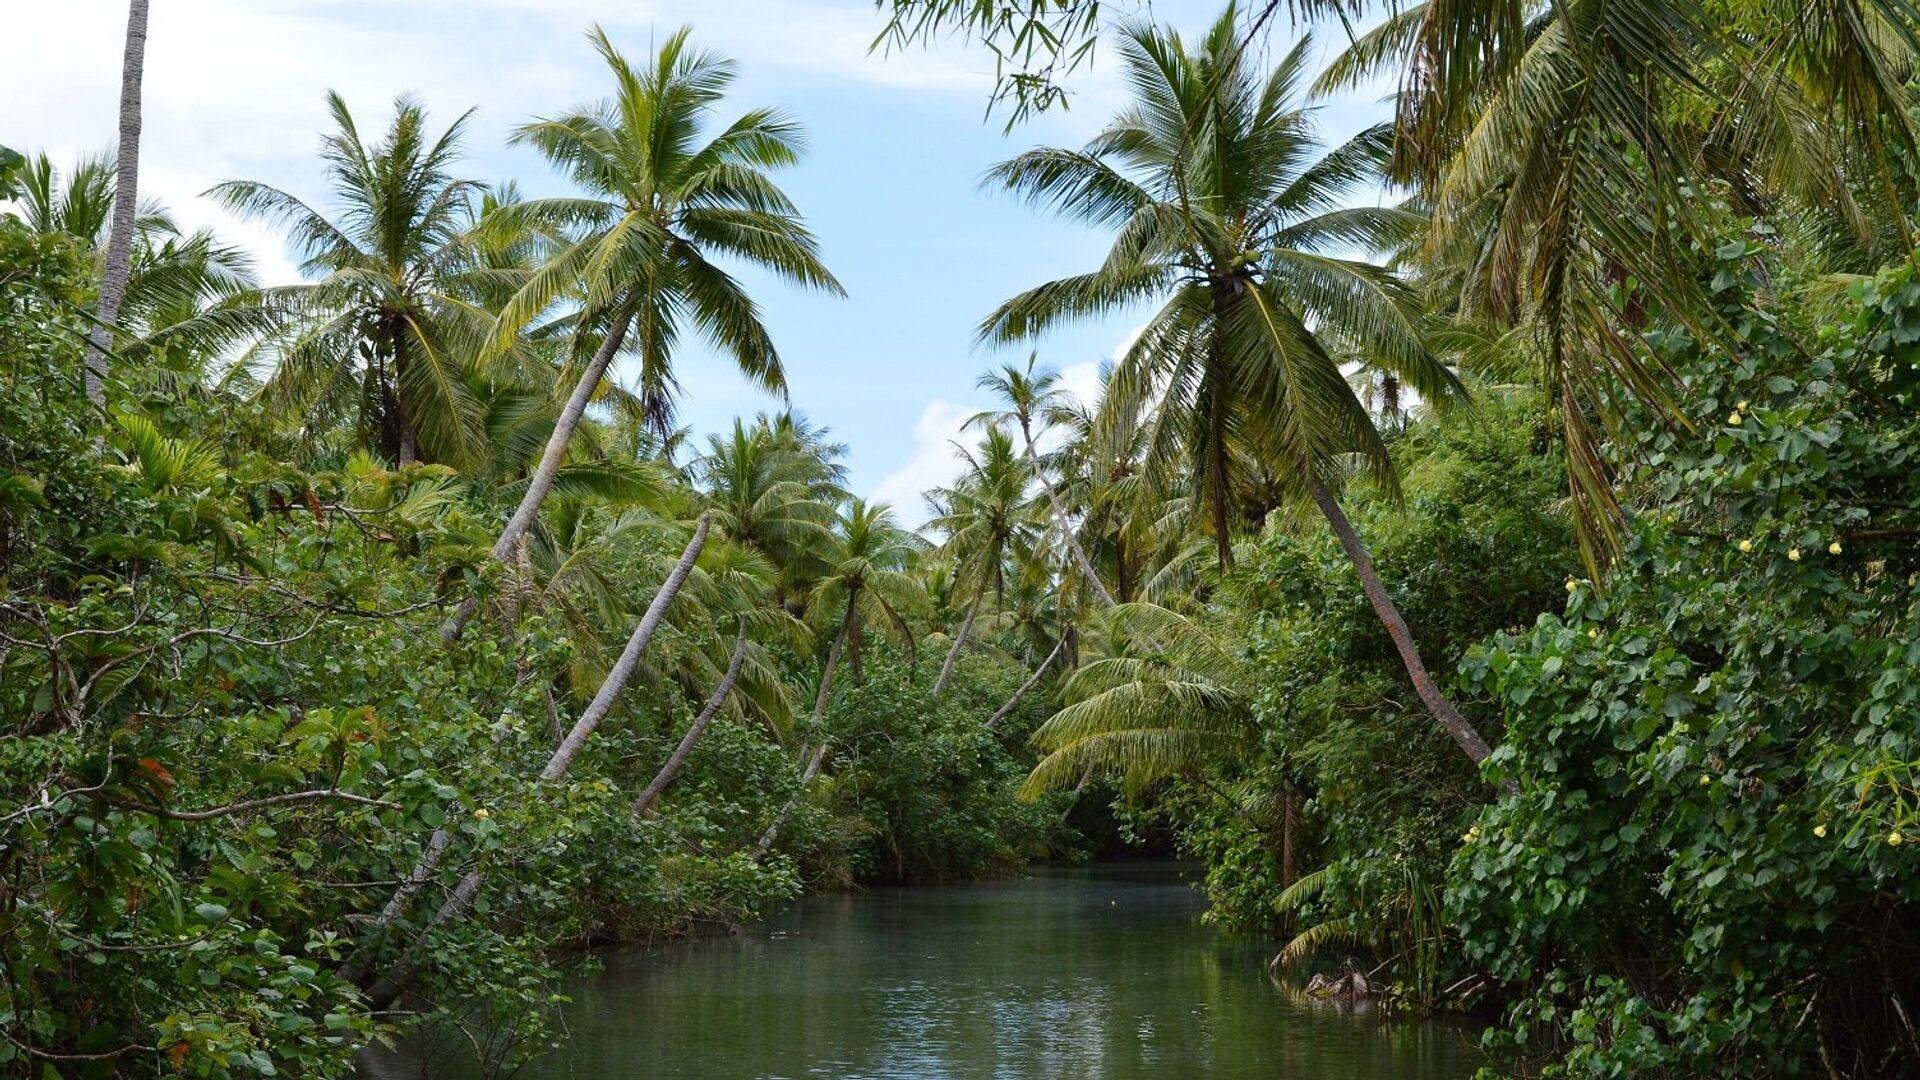 Остров Гуам: река Талофофо, которая рассекает джунгли на острове пополам - РИА Новости, 1920, 09.03.2021